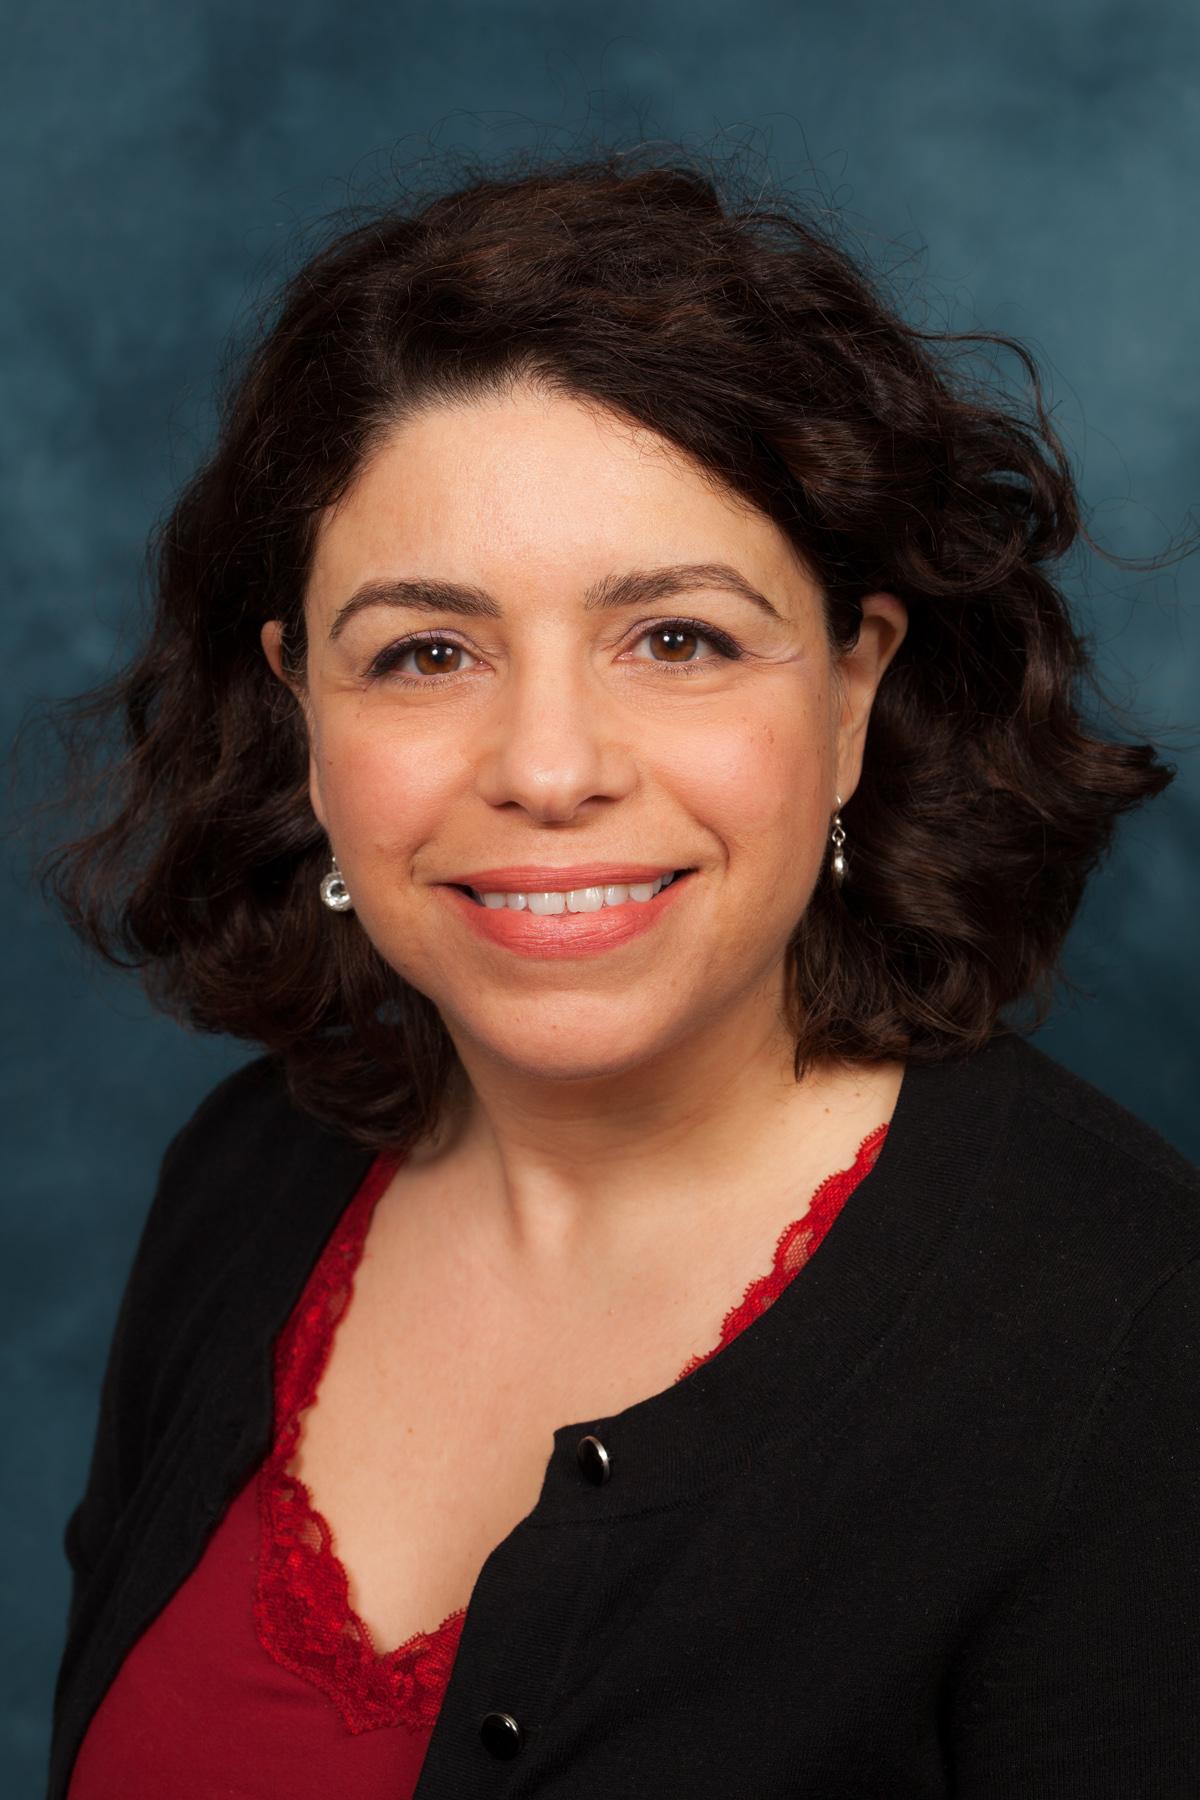 Dr. Claire Kalpakjian